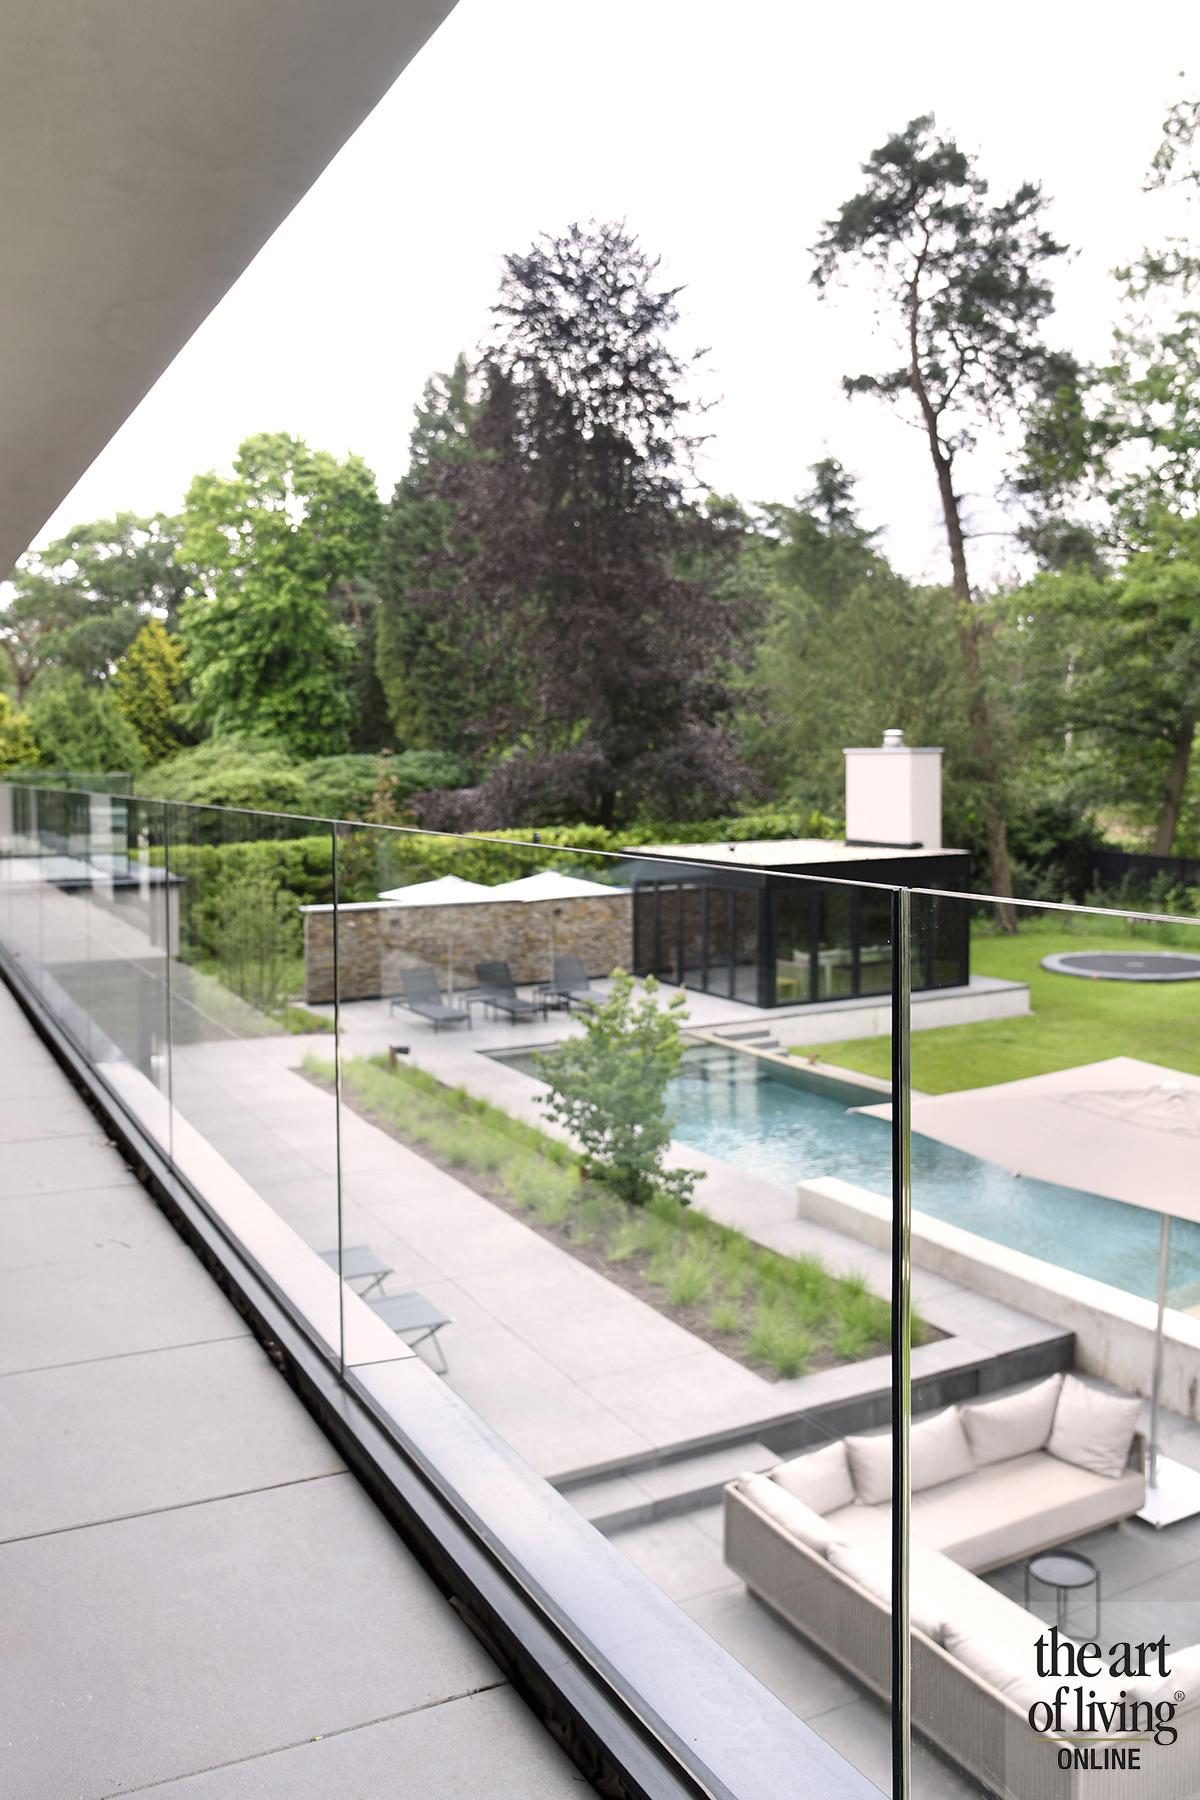 Bosvilla, Margy Arts Architecten, the art of living